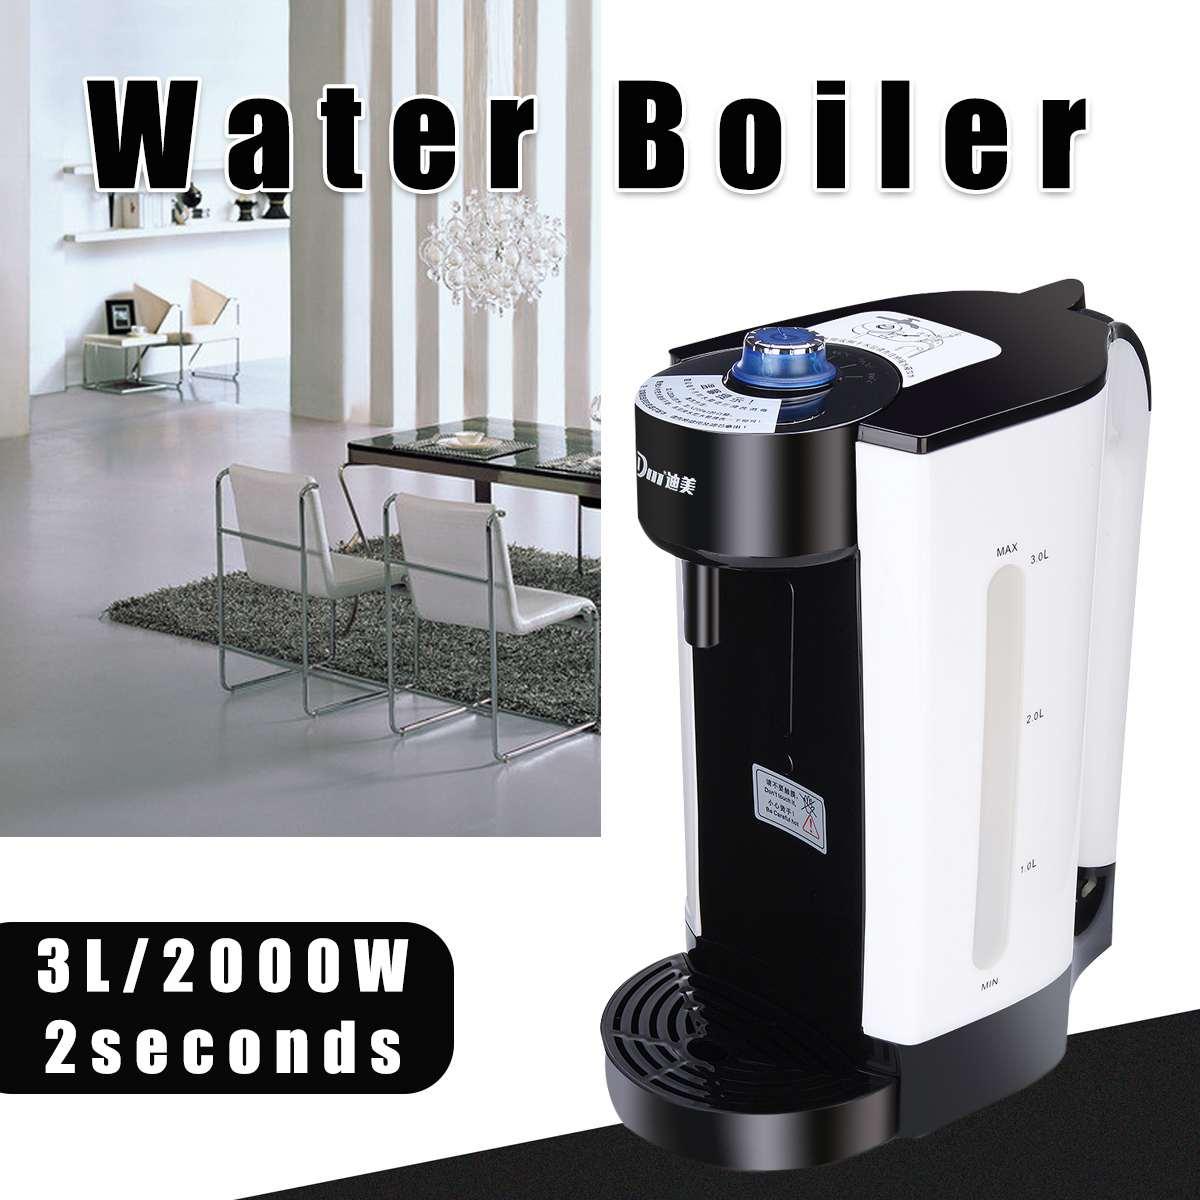 Hervidor de agua eléctrico instantáneo 220V 3L, Caldera de calentamiento Automática, máquina de té y café, dispensador de agua hirviendo, herramienta de calefacción portátil